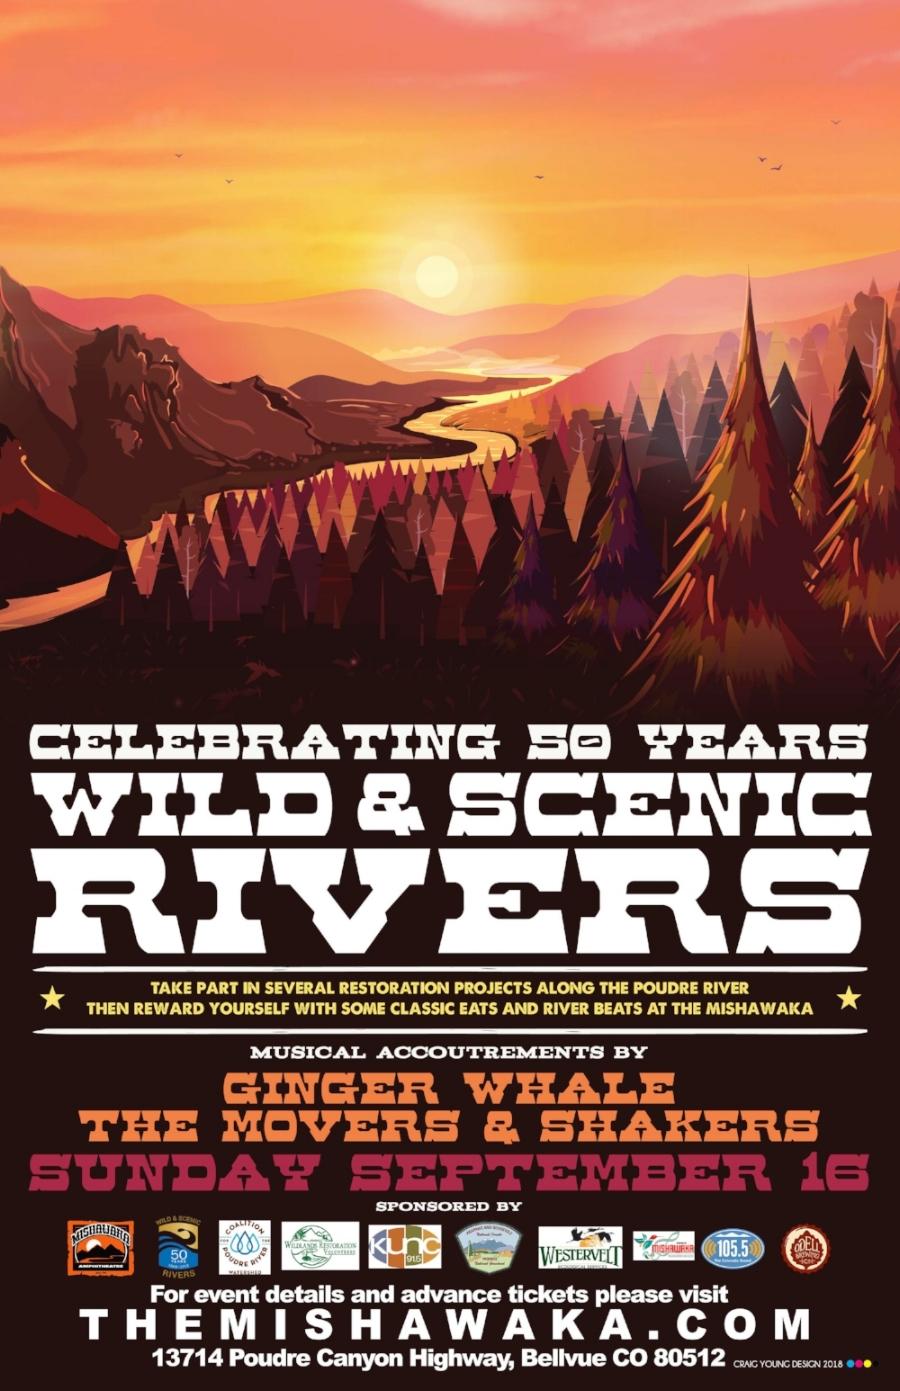 2018_9_16_Wild & Scenic RiversPoudre poster.jpg